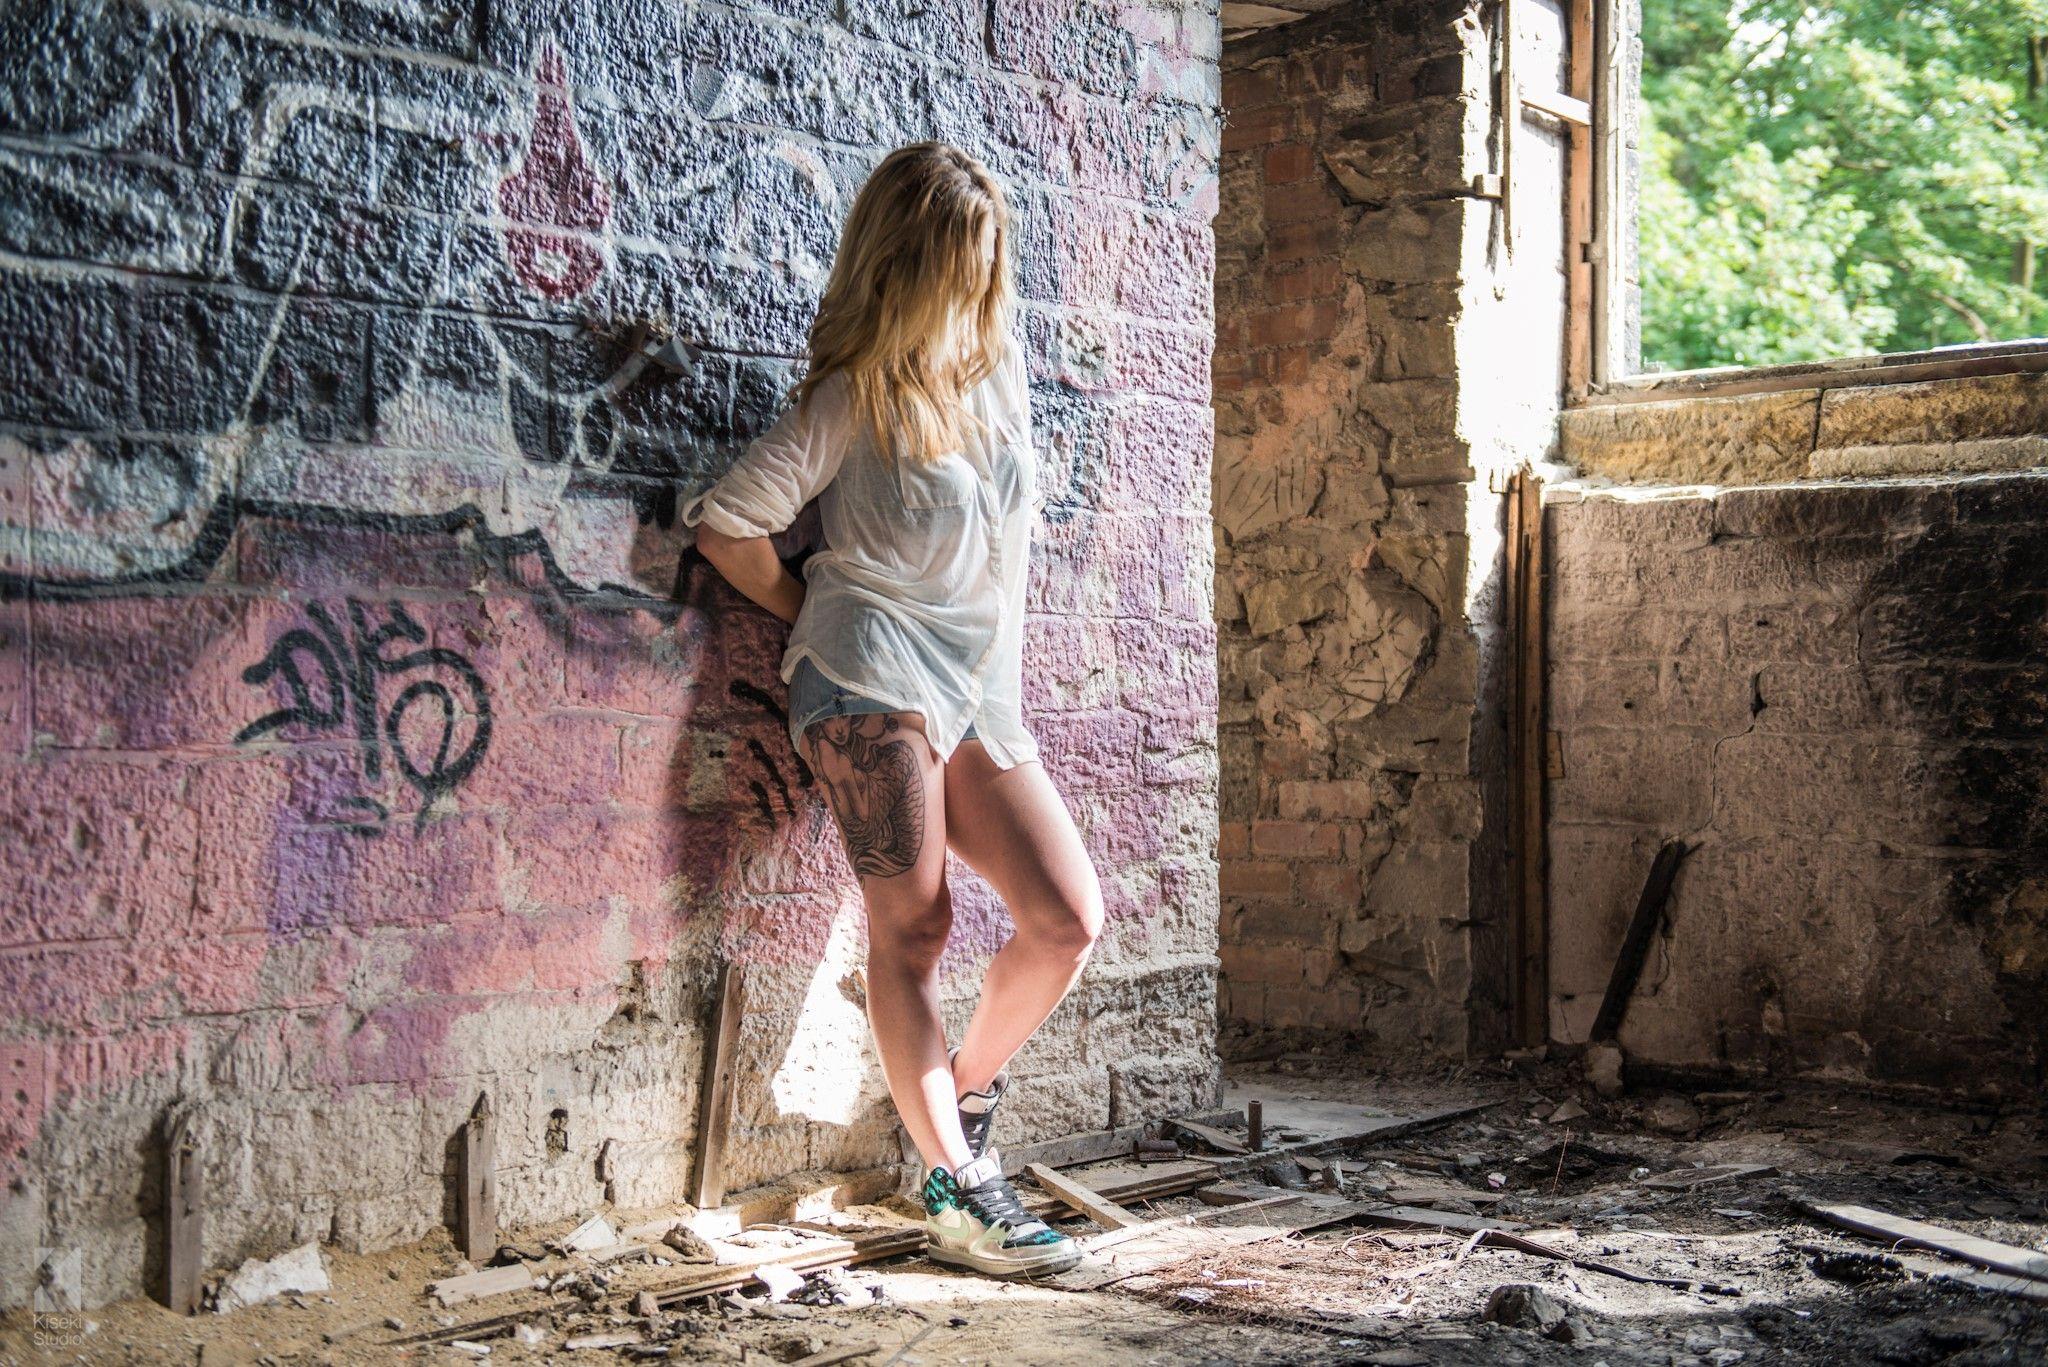 красивые фотосессии в развалинах делать, если